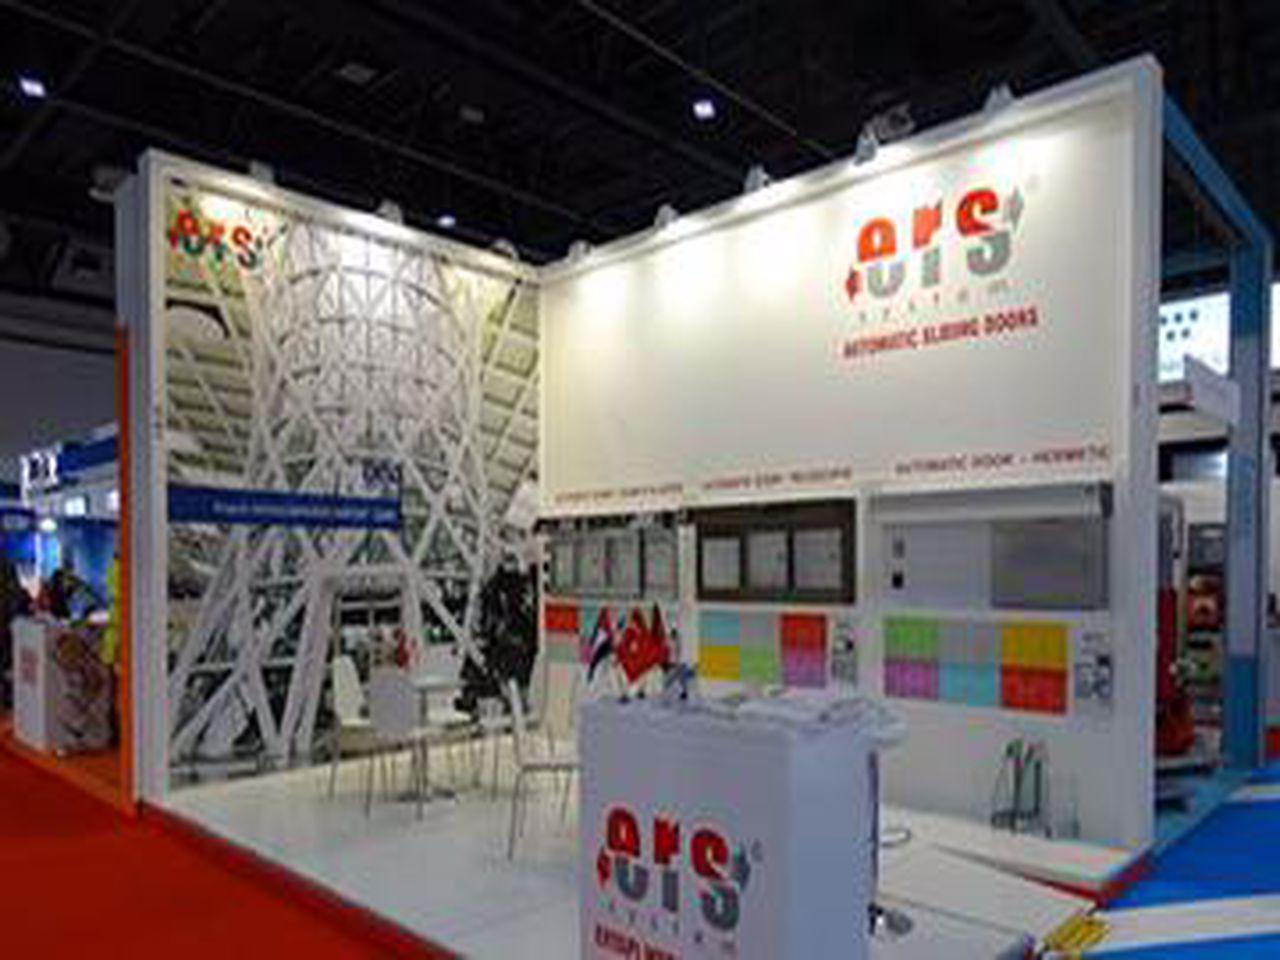 We were at the 2015 Dubai Construction Fair.